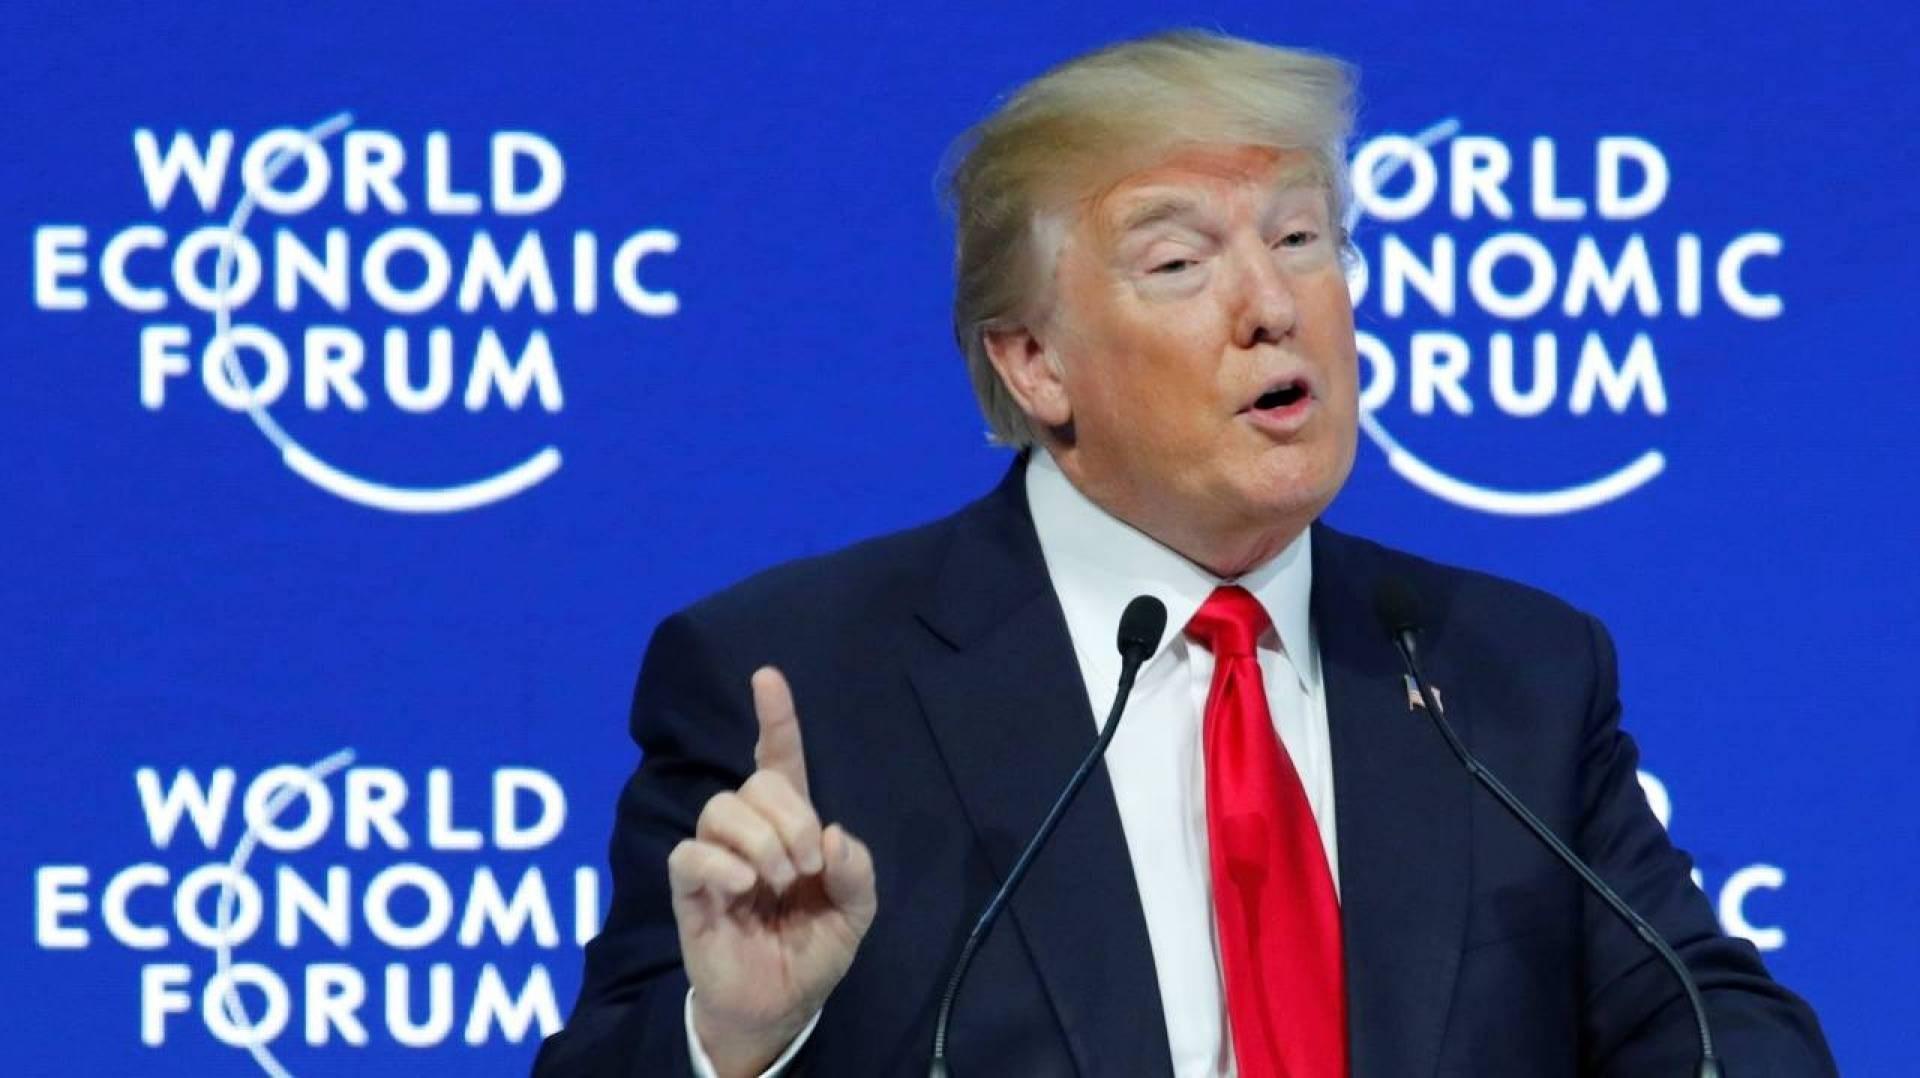 ترامب في منتدى دافوس الاقتصادي: العلاقات الصينية الأميركية بأفضل مراحلها